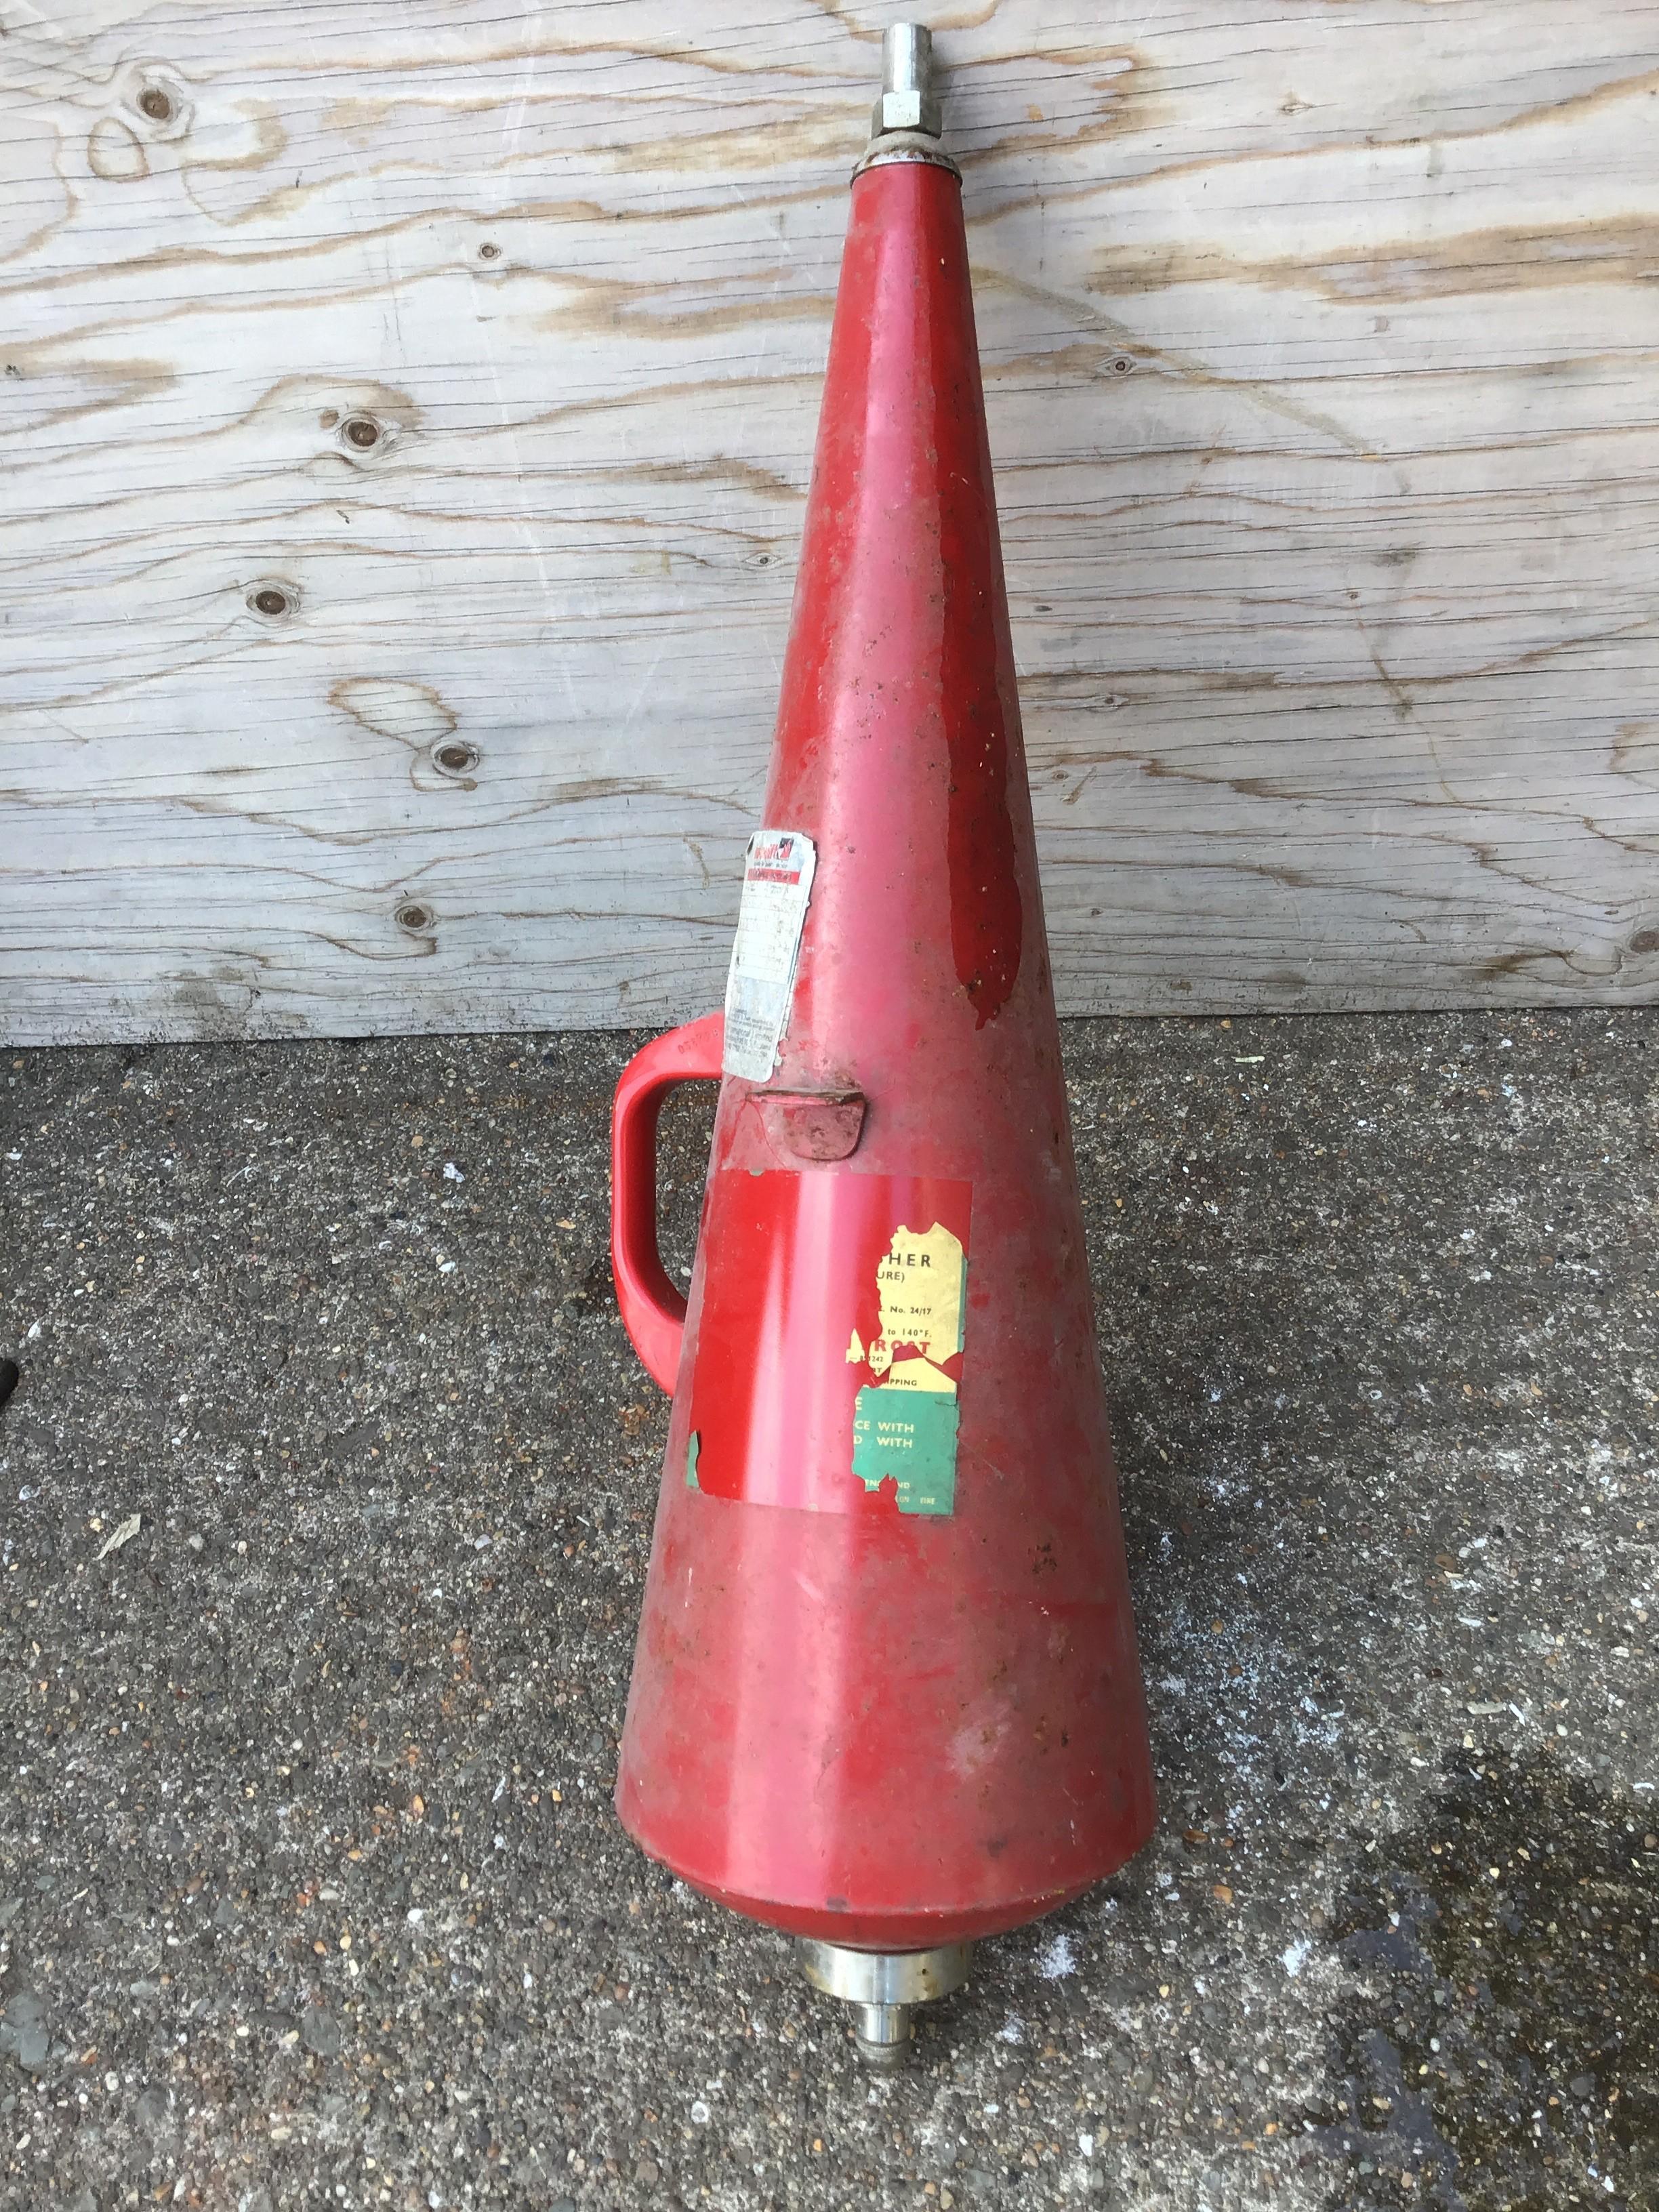 Vintage Fire Extinguisher - Image 2 of 2